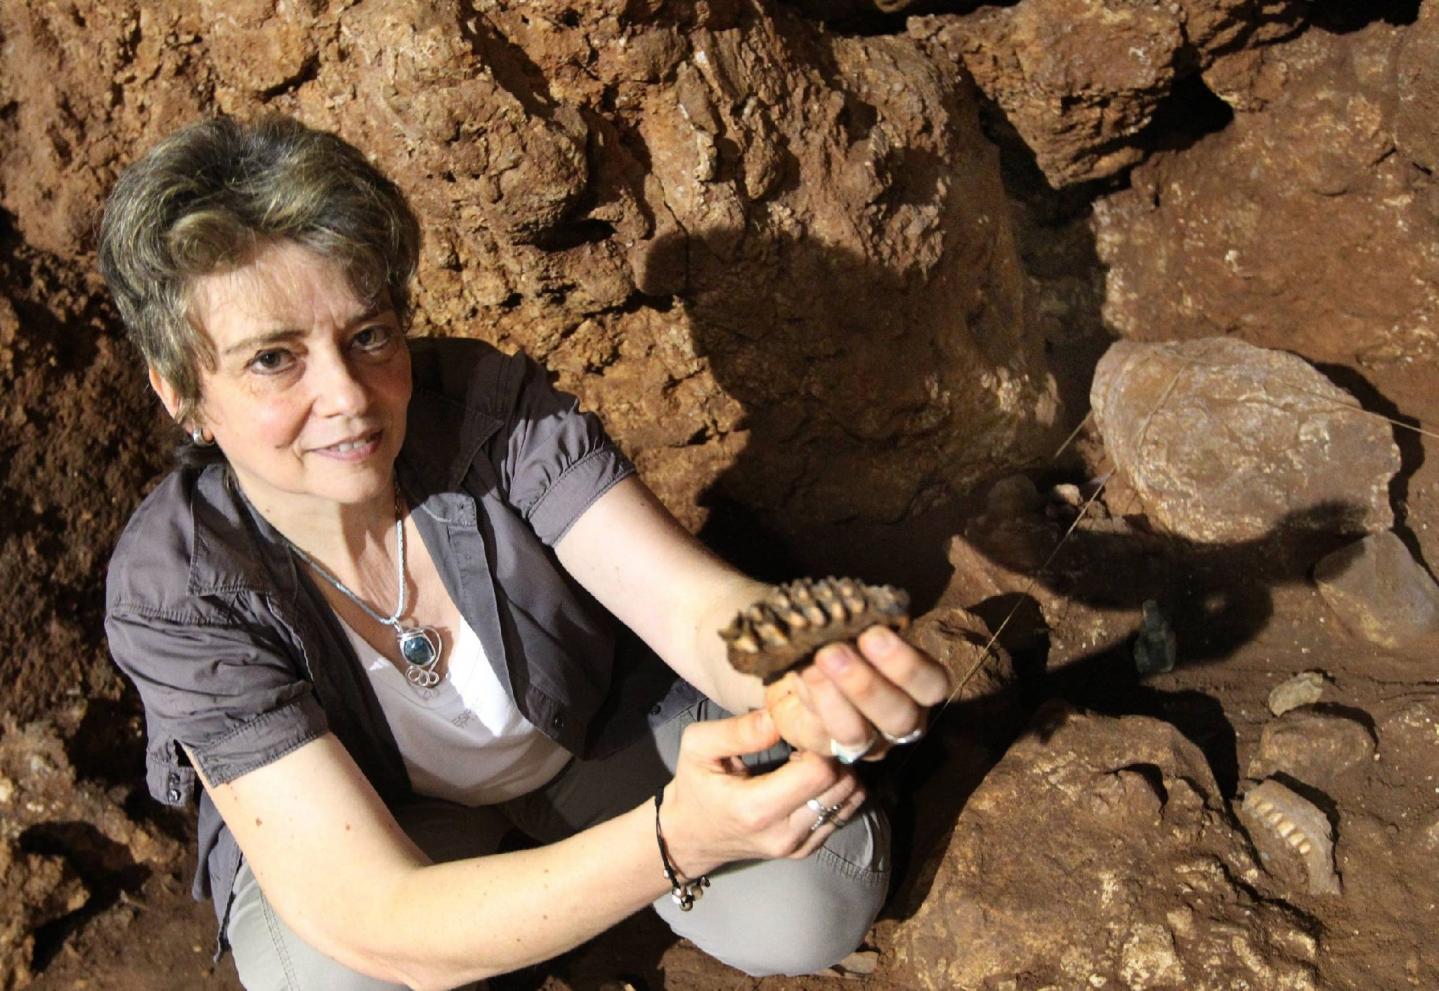 Durant tout l'été, entre juillet et août, plus de cinquante étudiants chercheurs venus du monde entier se sont succédé dans la grotte du Lazaret, contribuant à la découverte de milliers de pièces lithiques et d'ossements, à l'image de cette manidibule de daim, brandie, ci-dessous, par Patricia Valensi, paléontologue.